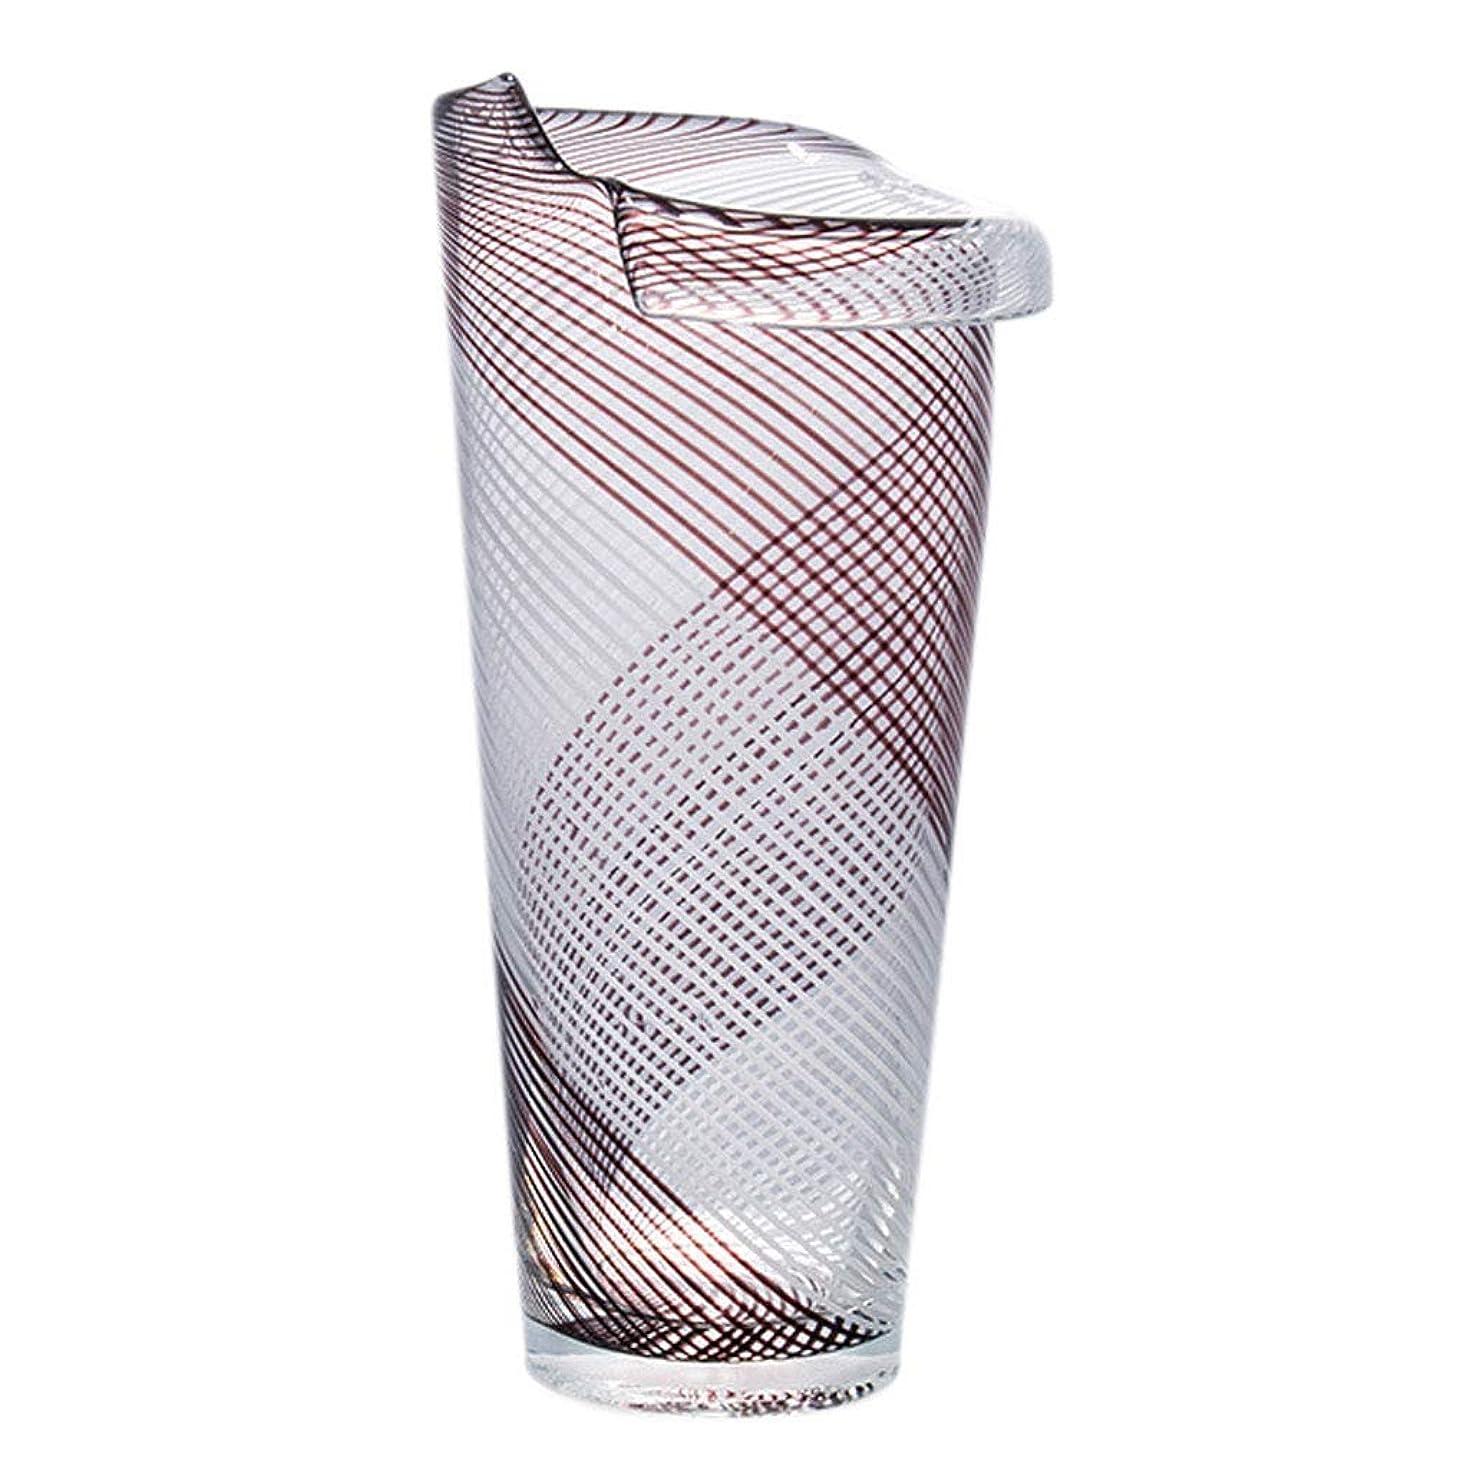 強打菊鼻花瓶 ルームデコレーションブーケフラワーアレンジメントクリエイティブコンテナHomeカスタマーサービスチーム現代のミニマリストのグラス (Size : B)